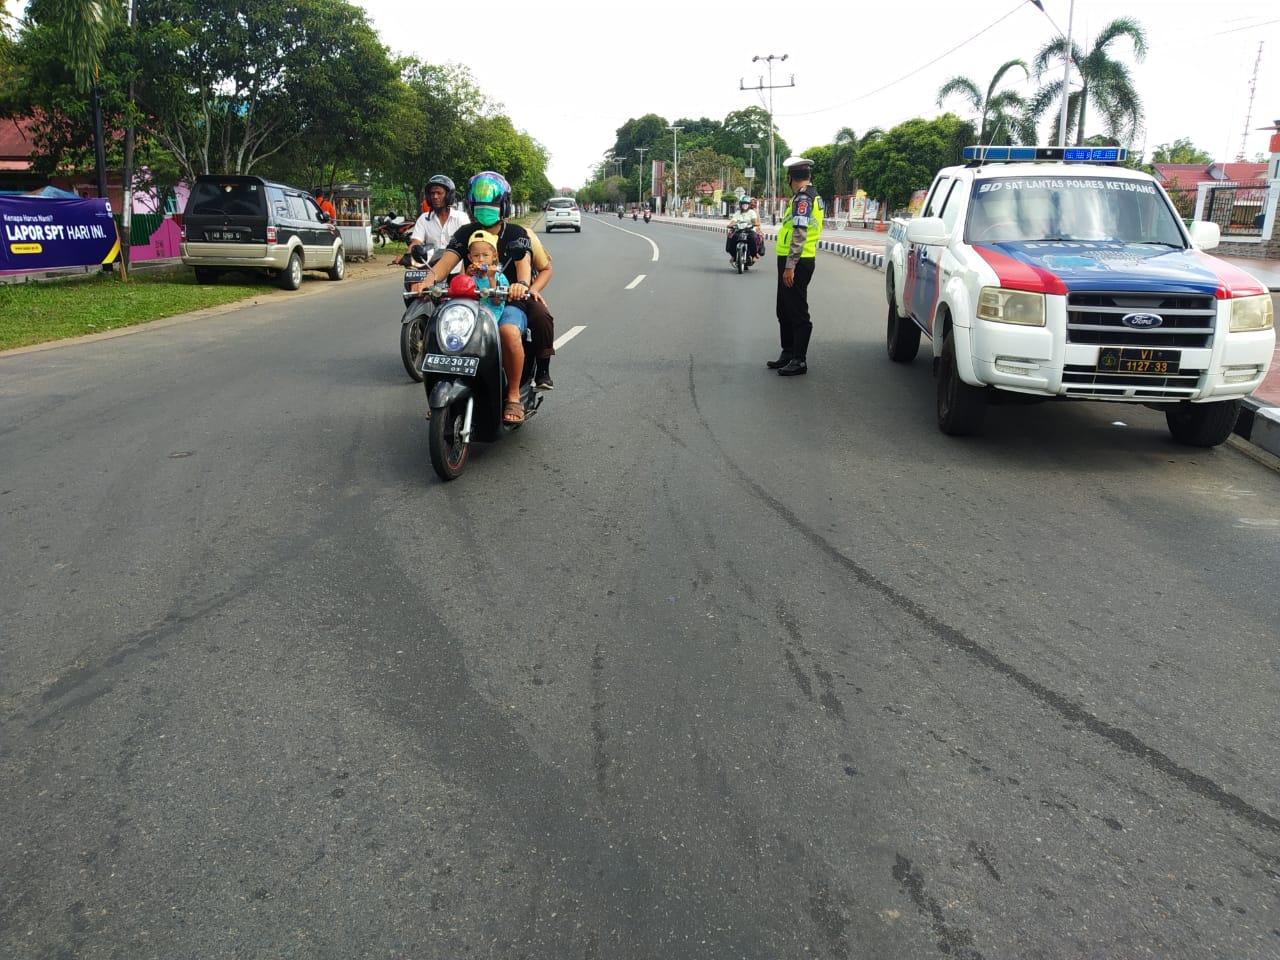 Patroli Siang Satlantas Ketapang Cegah Terjadinya Kemacetan Arus Lalu Lintas